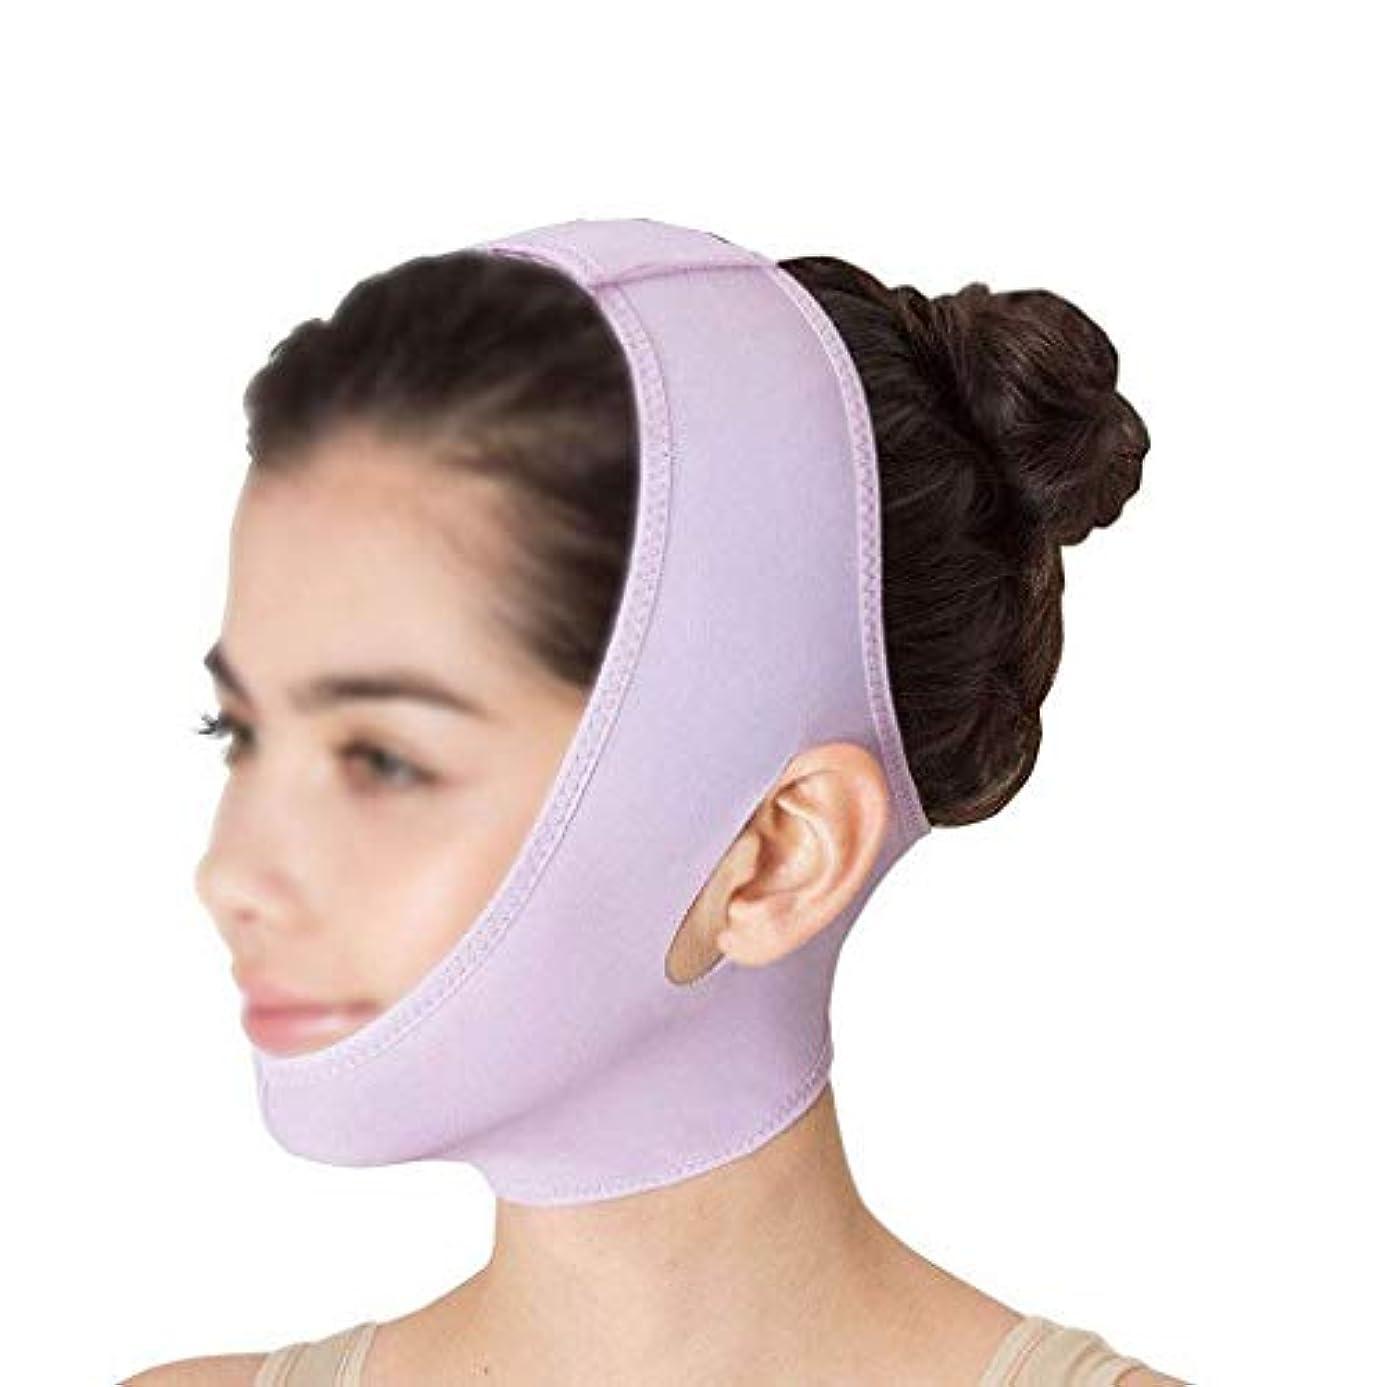 苦難行政どう?薄いフェイスマスク ビームフェイス、薄いダブルチンでスリーピングマスクの下の頬を防ぎ、小さなVフェイスを作成